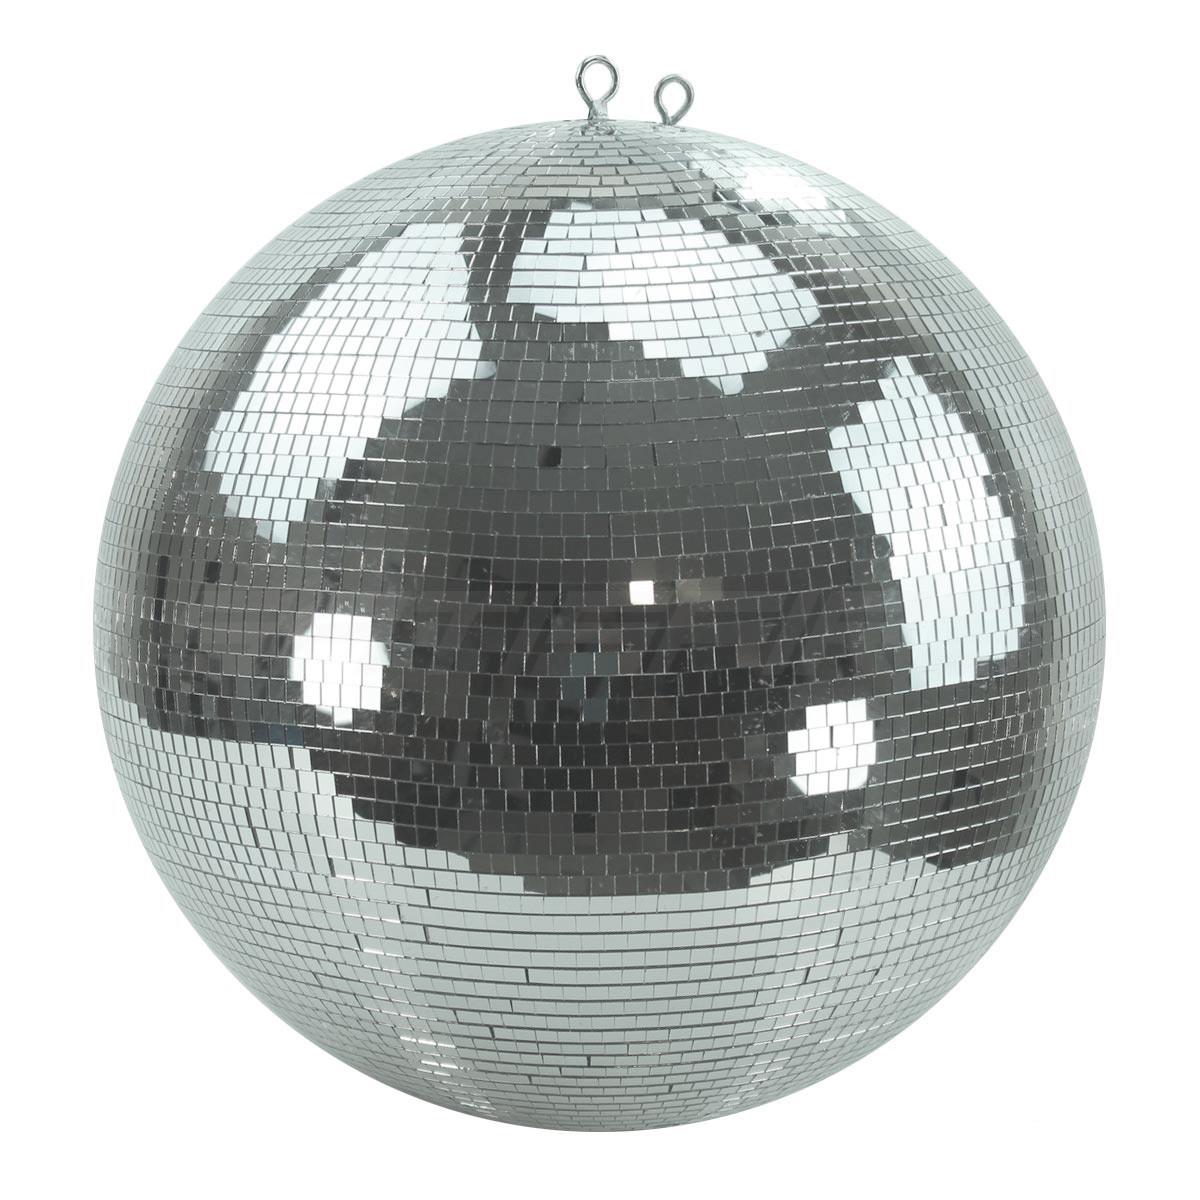 B-Ware Spiegelkugel 50cm - silber - Safety - Diskokugel Echtglas - 10x10mm Spiegel PROFI